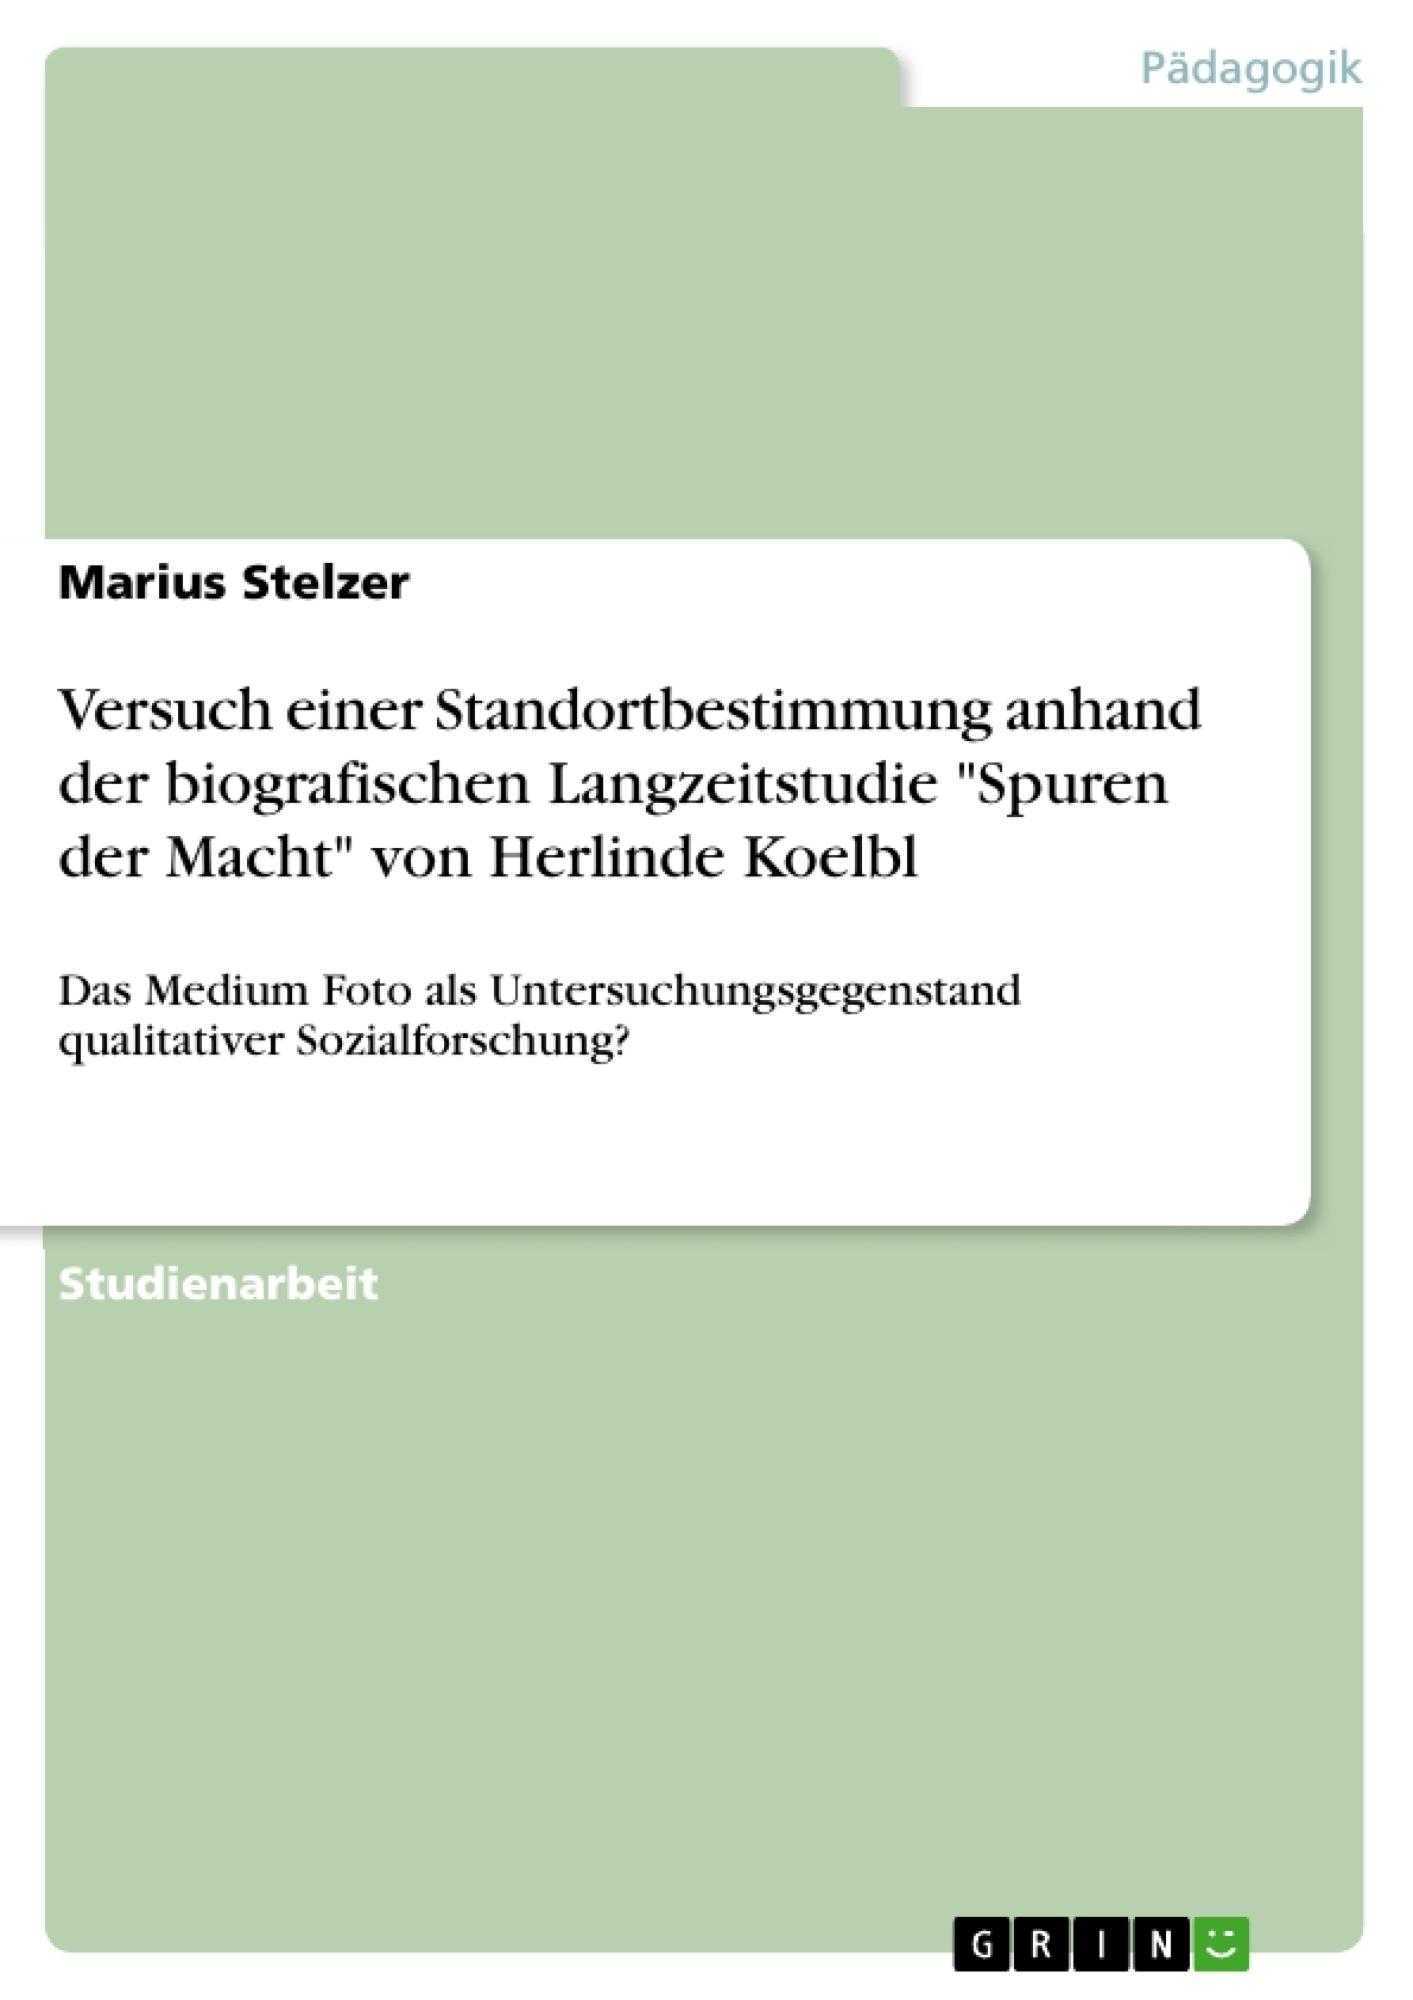 """Titel: Versuch einer Standortbestimmung anhand der biografischen Langzeitstudie """"Spuren der Macht"""" von Herlinde Koelbl"""